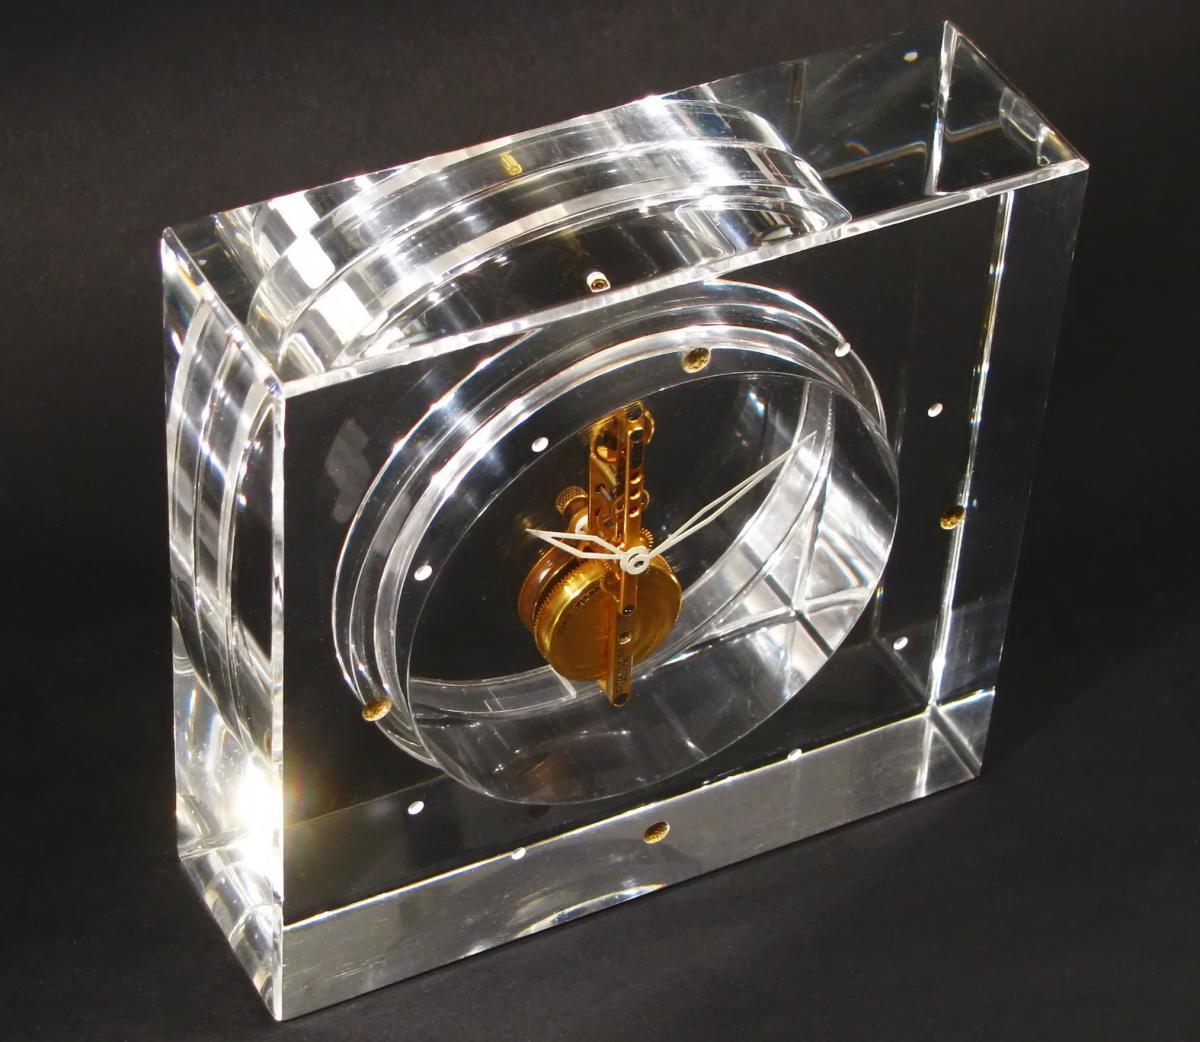 Pendulette Baguette Jaeger-LeCoultre Cal. 210. Plexiglass